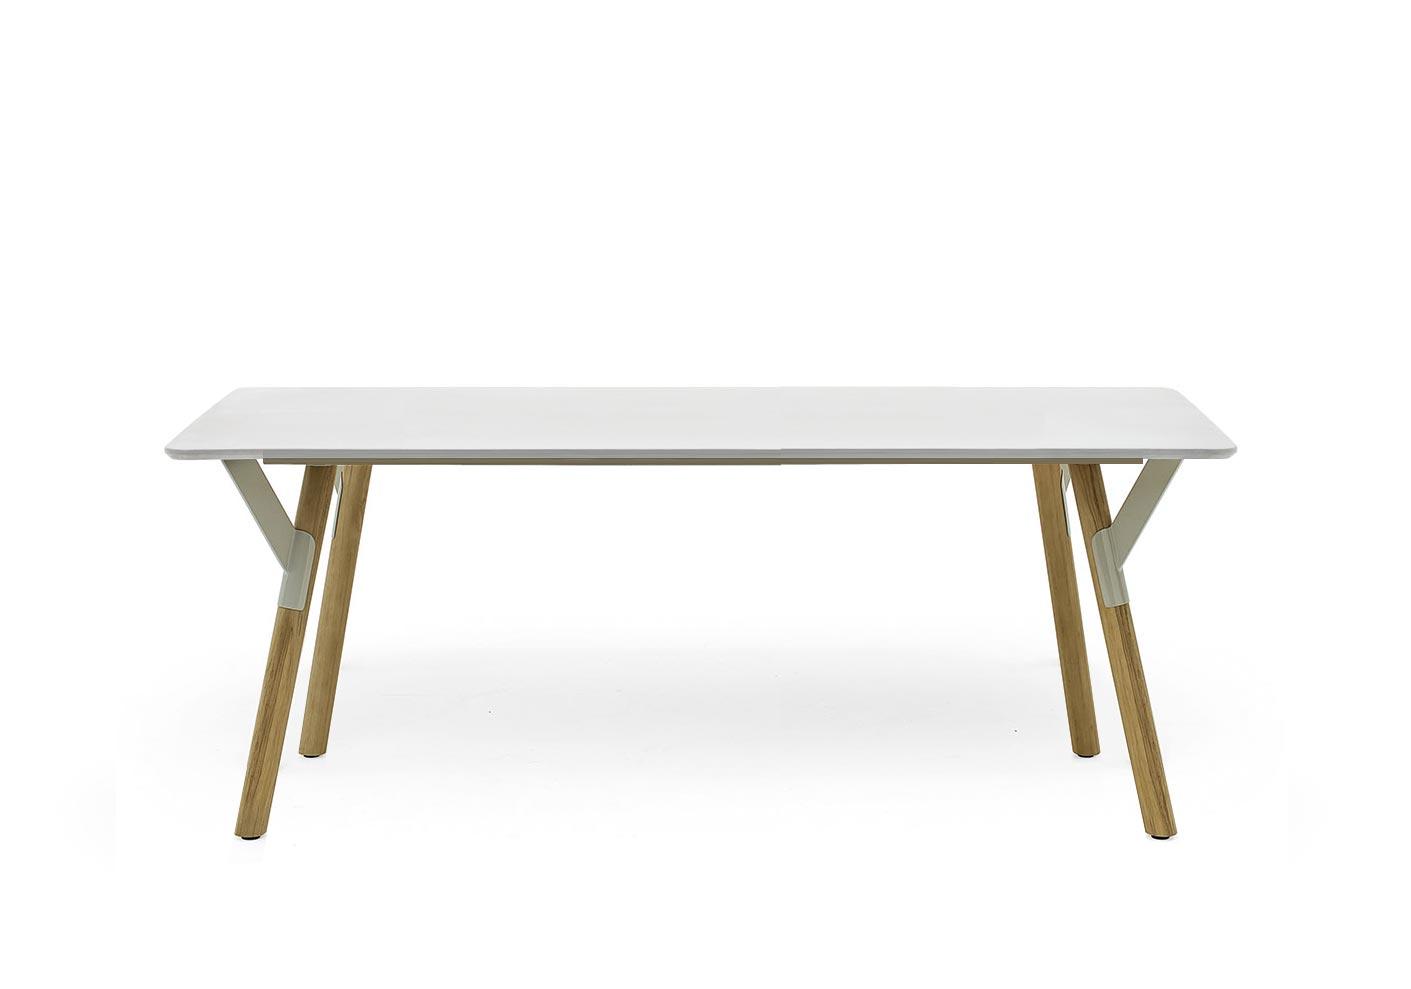 Varaschin Link Gartentisch Mit Teakholzbeinen 200 Cm Konfigurierbar